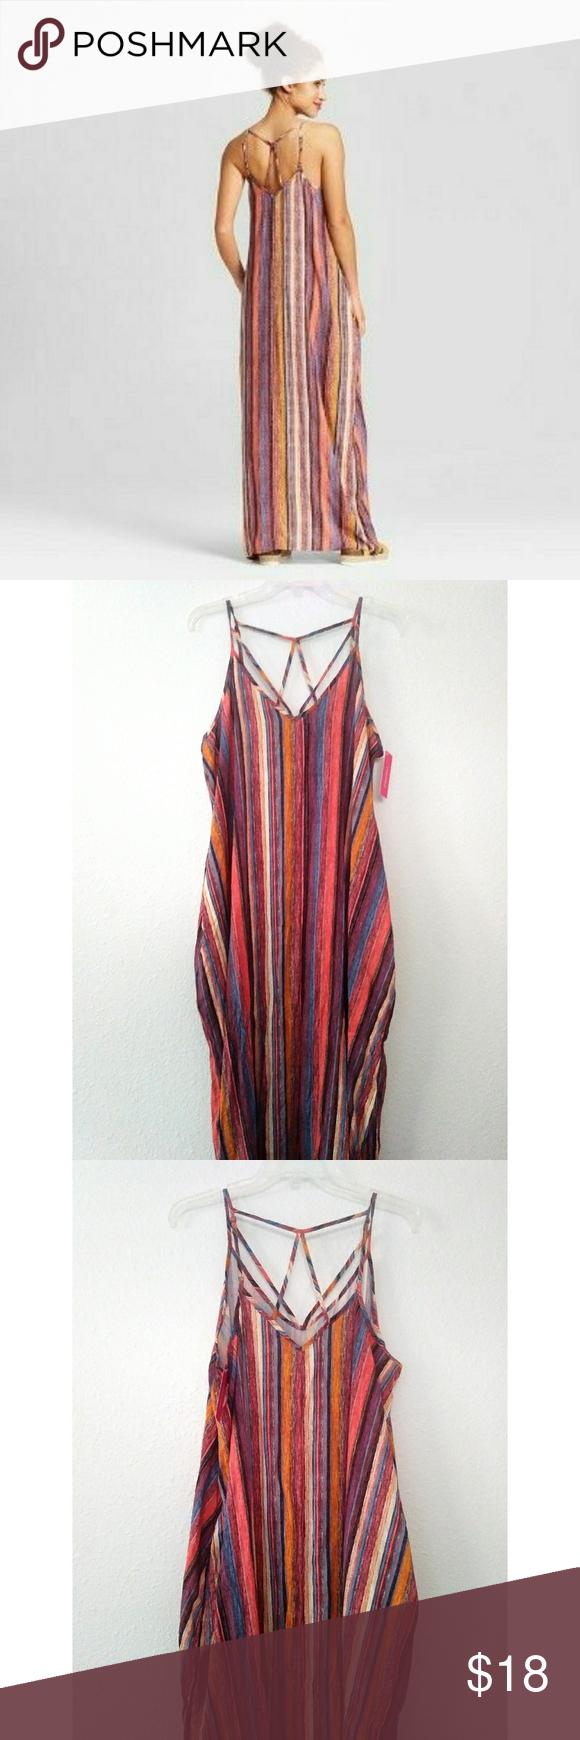 Xhilaration Maxi Dress Maxi Dress Dresses Clothes Design [ 1740 x 580 Pixel ]